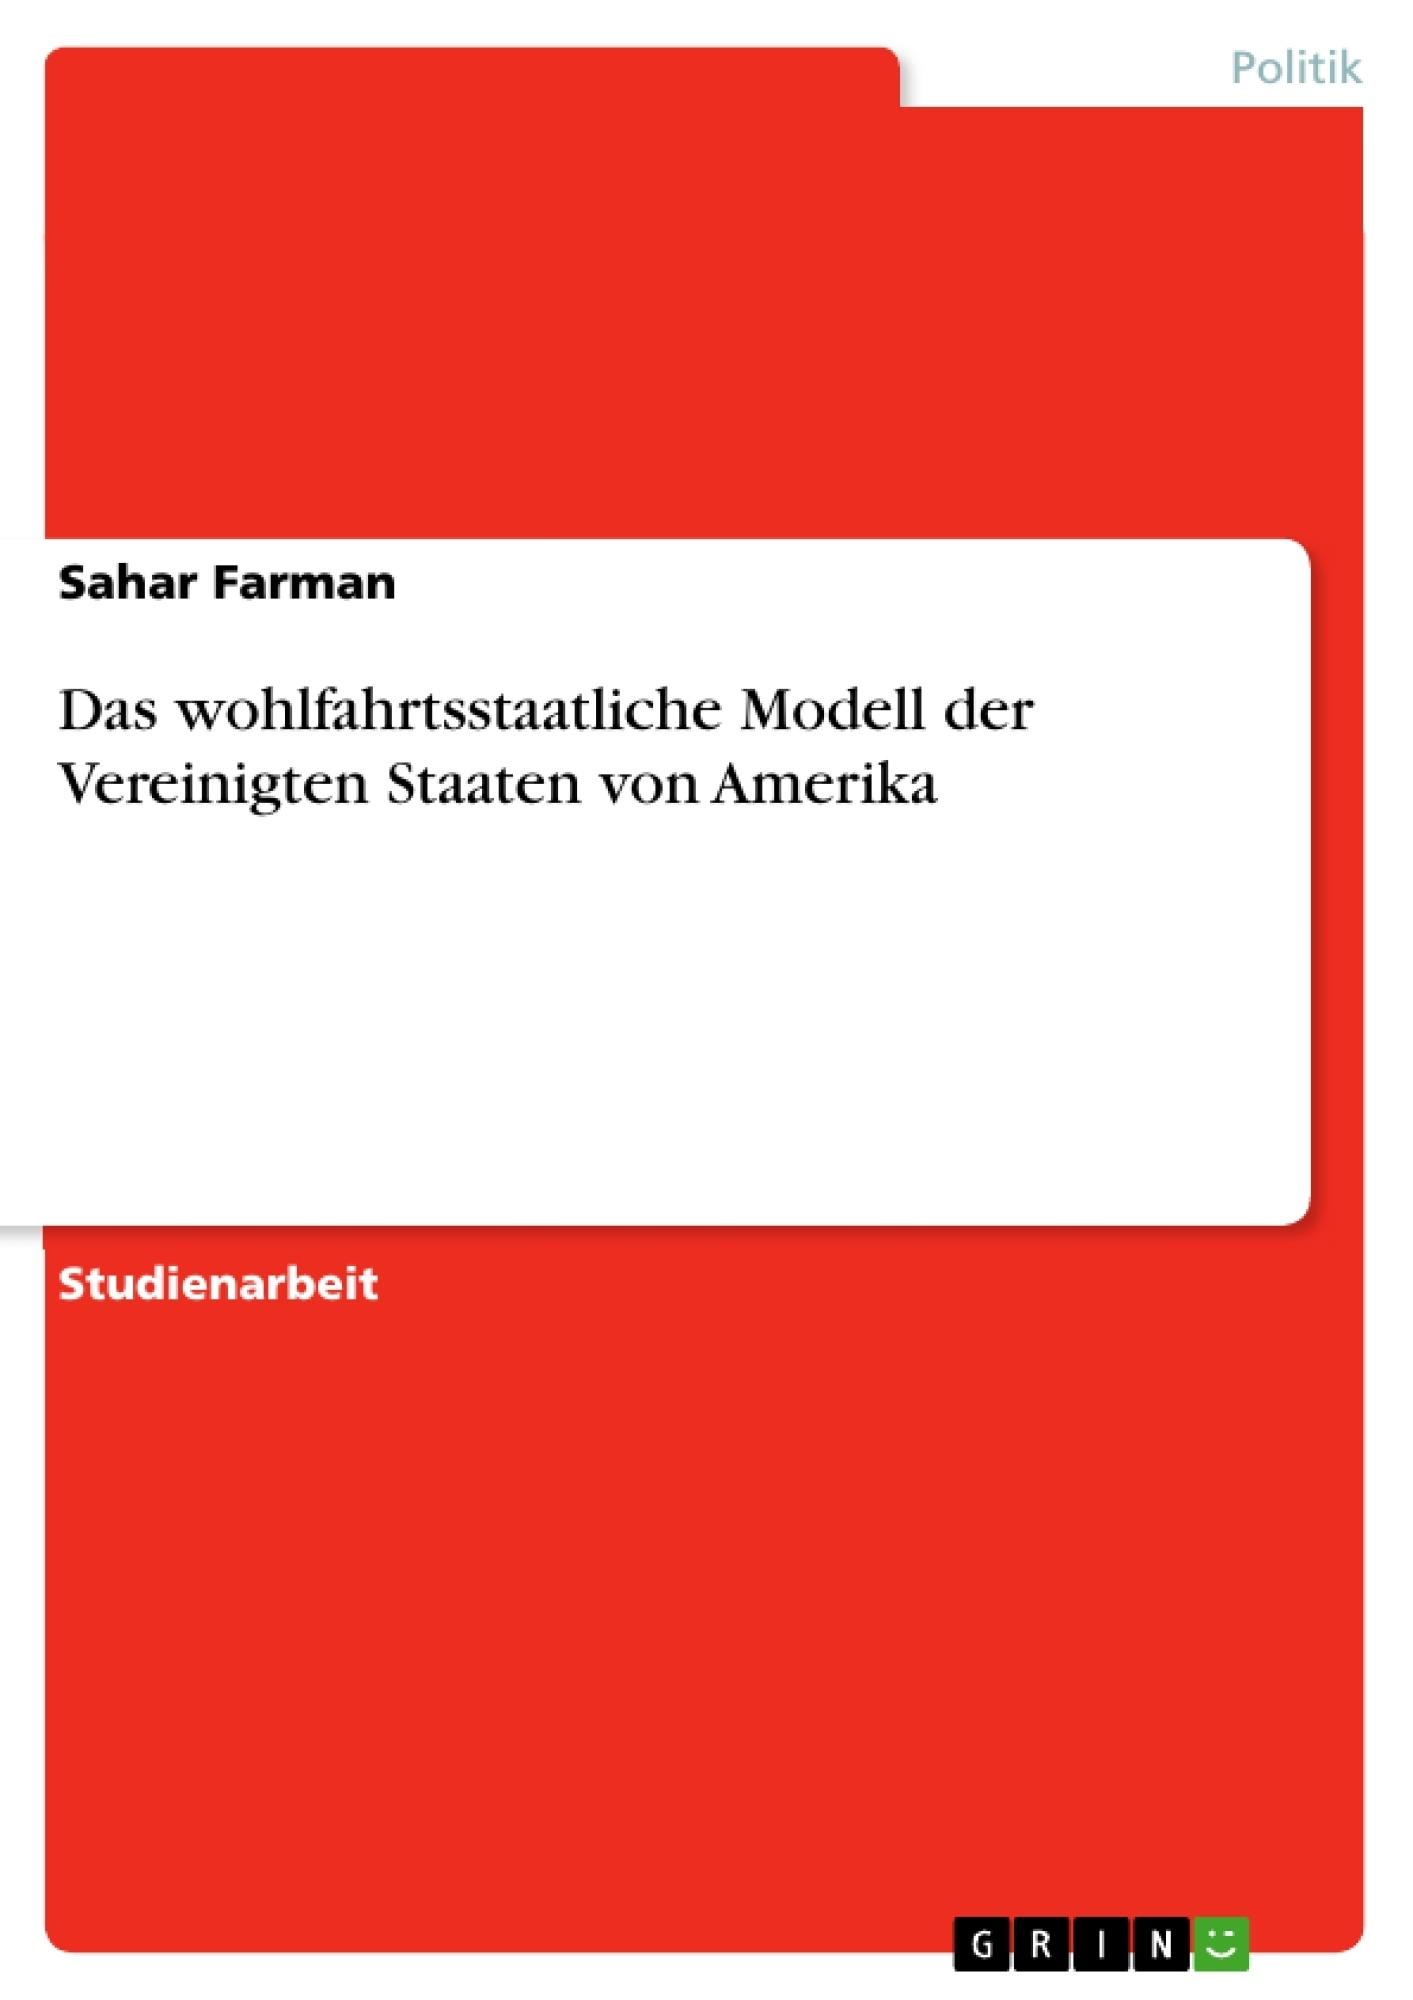 Titel: Das wohlfahrtsstaatliche Modell der Vereinigten Staaten von Amerika